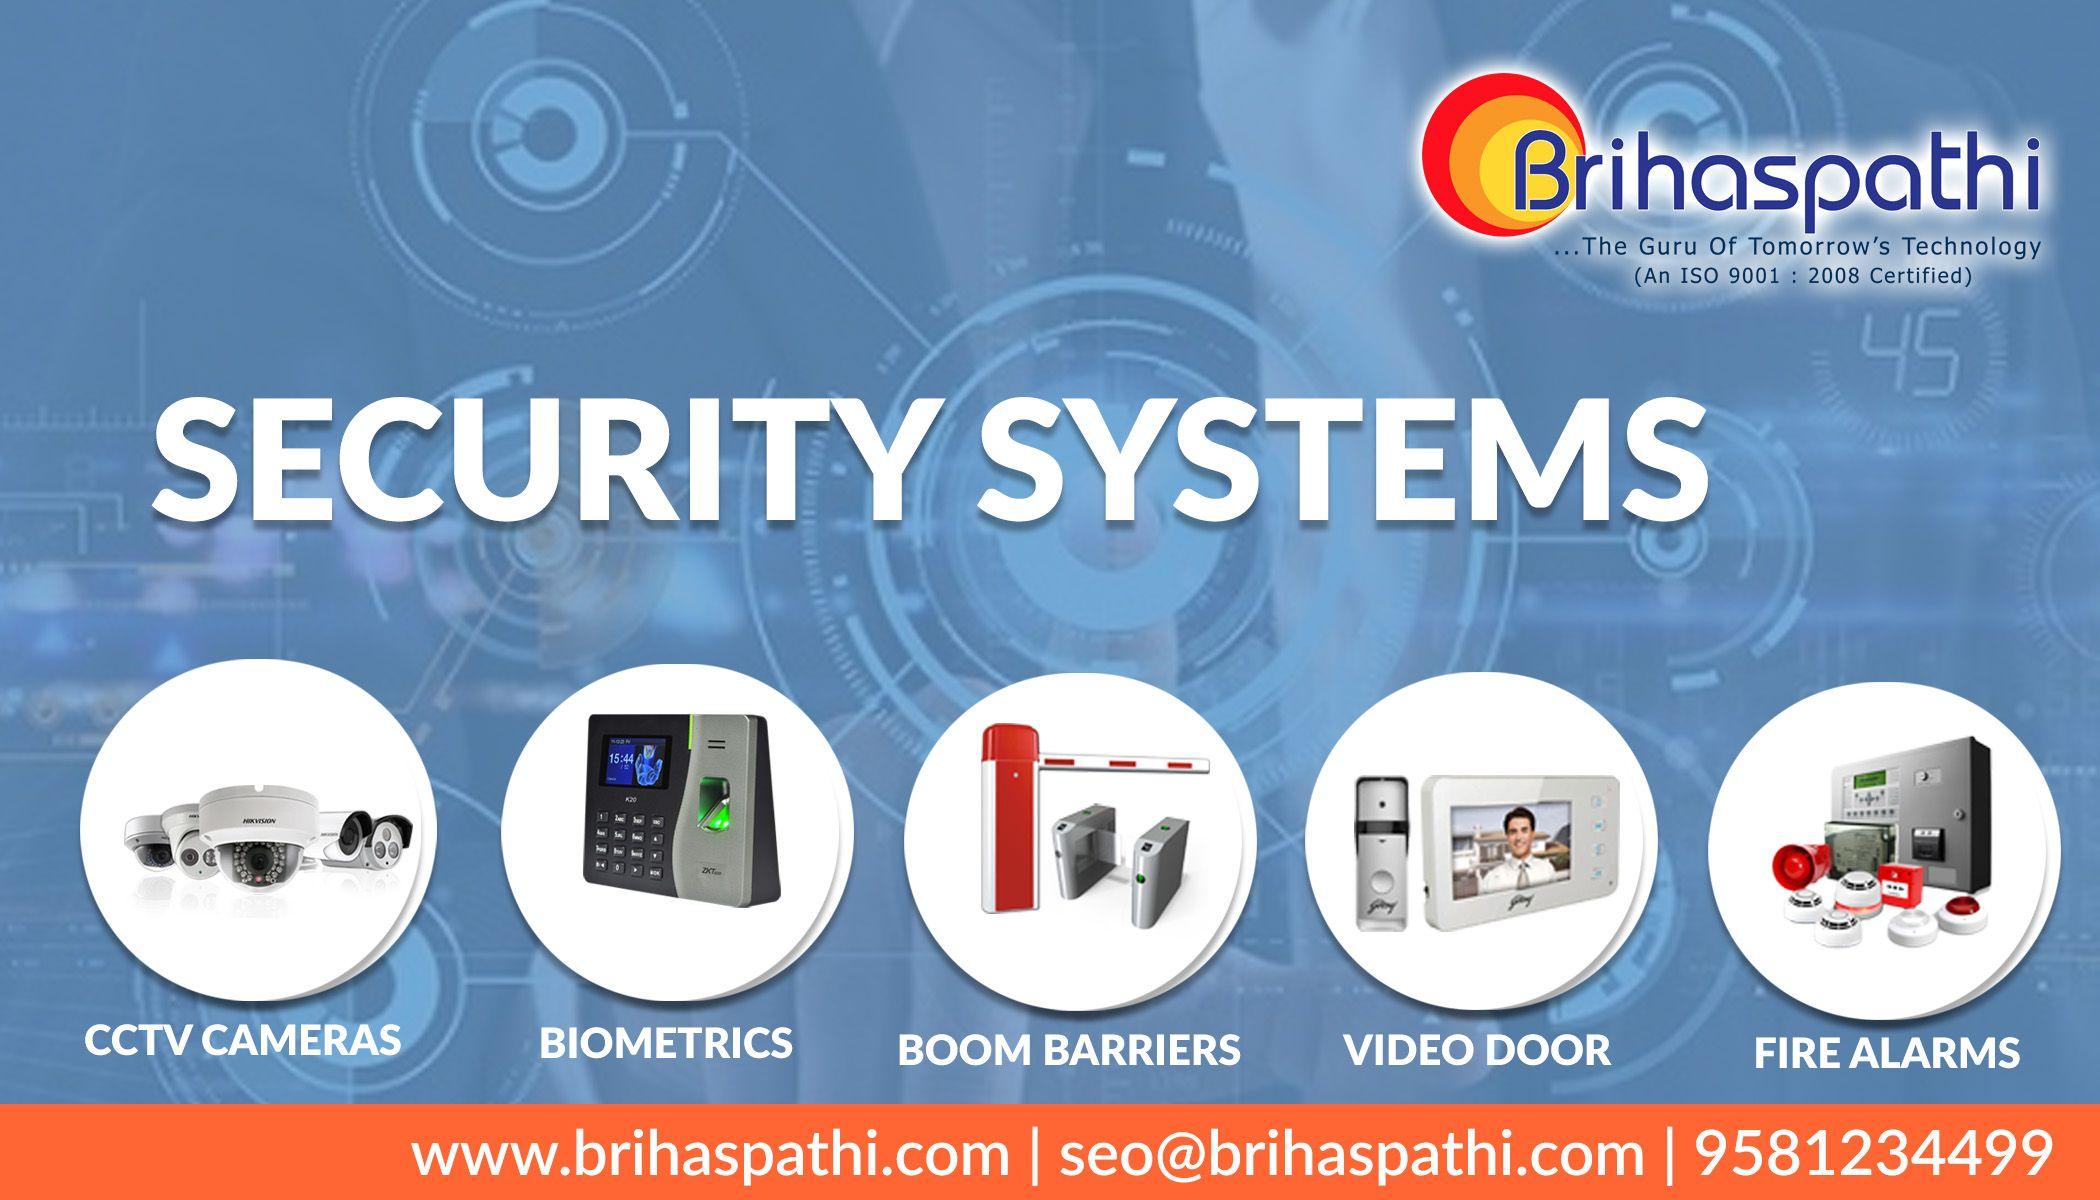 Brihaspathi CCTV camera Dealers in Hyderabad, security